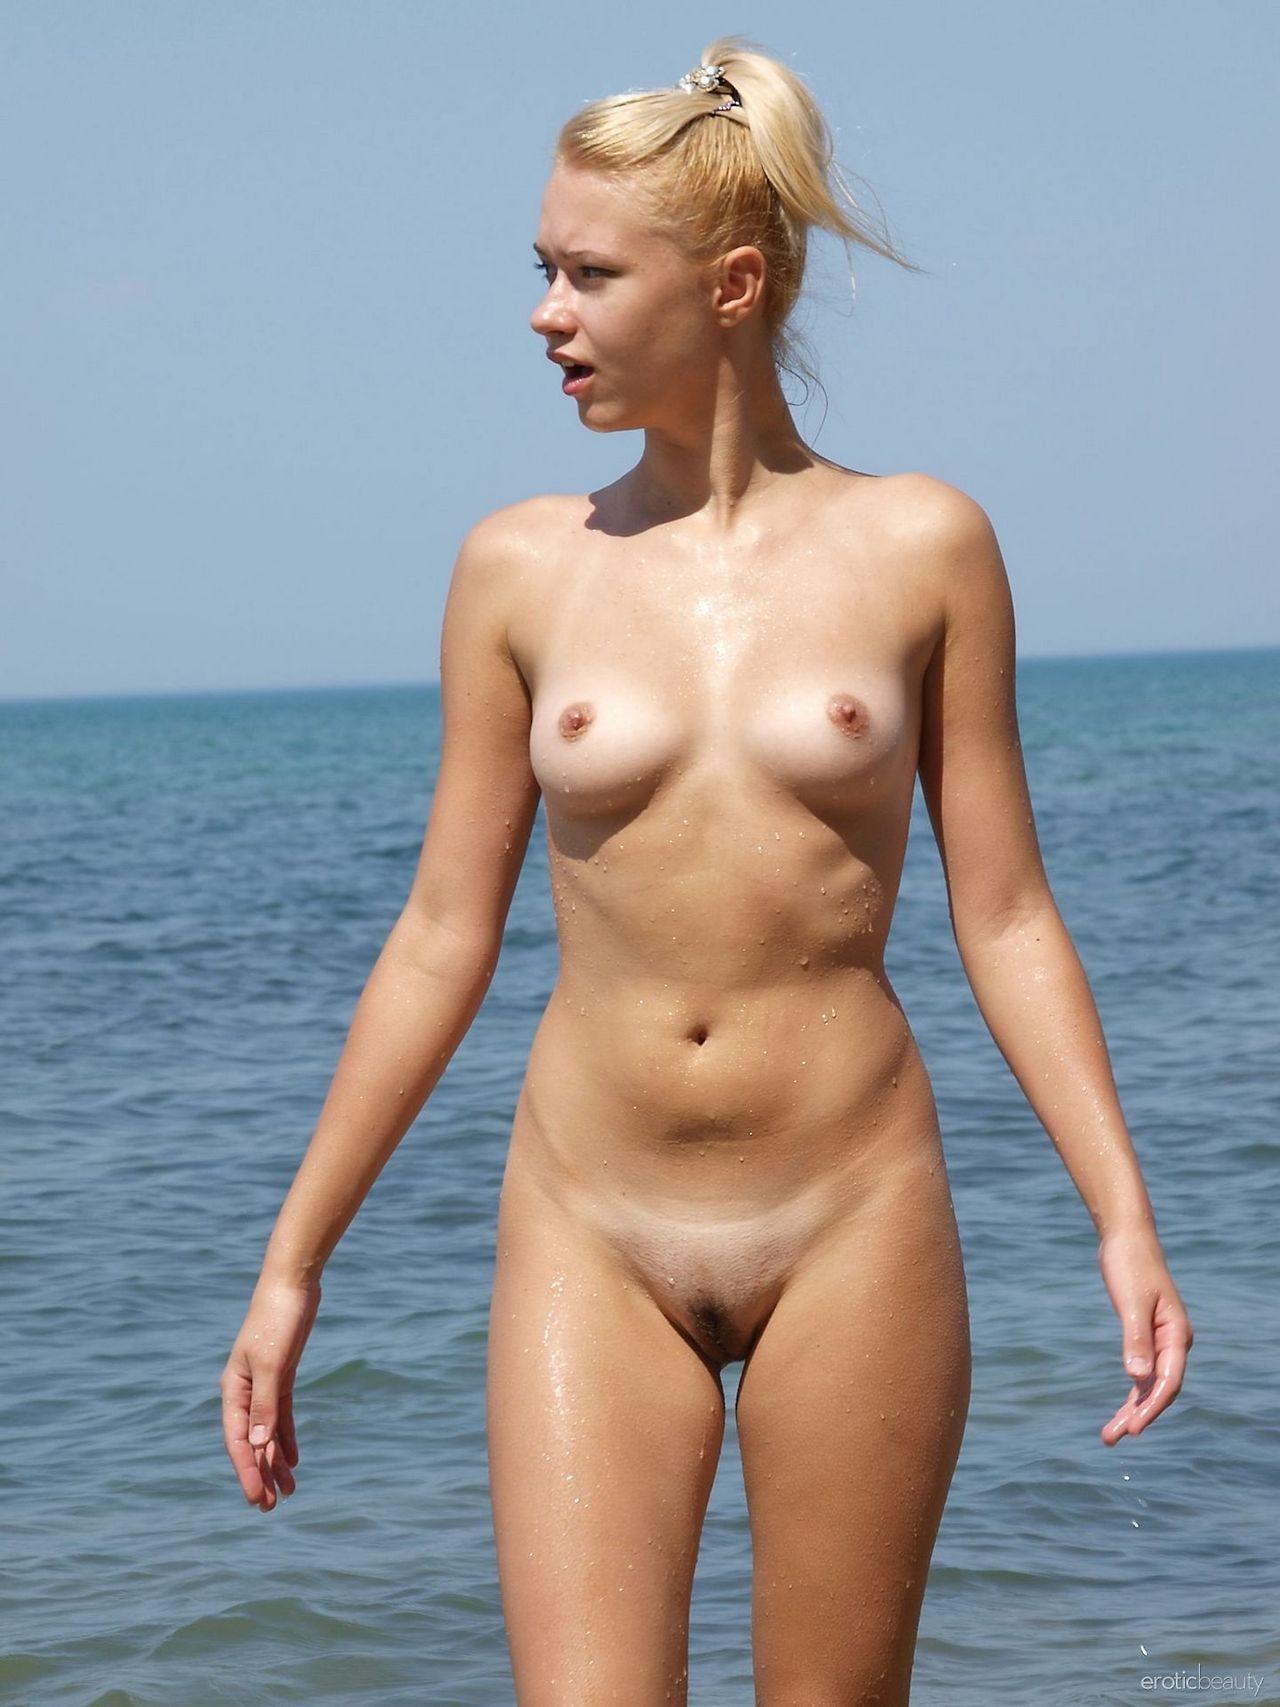 nudists-girls-boobs-beach-topless-mix-vol7-05